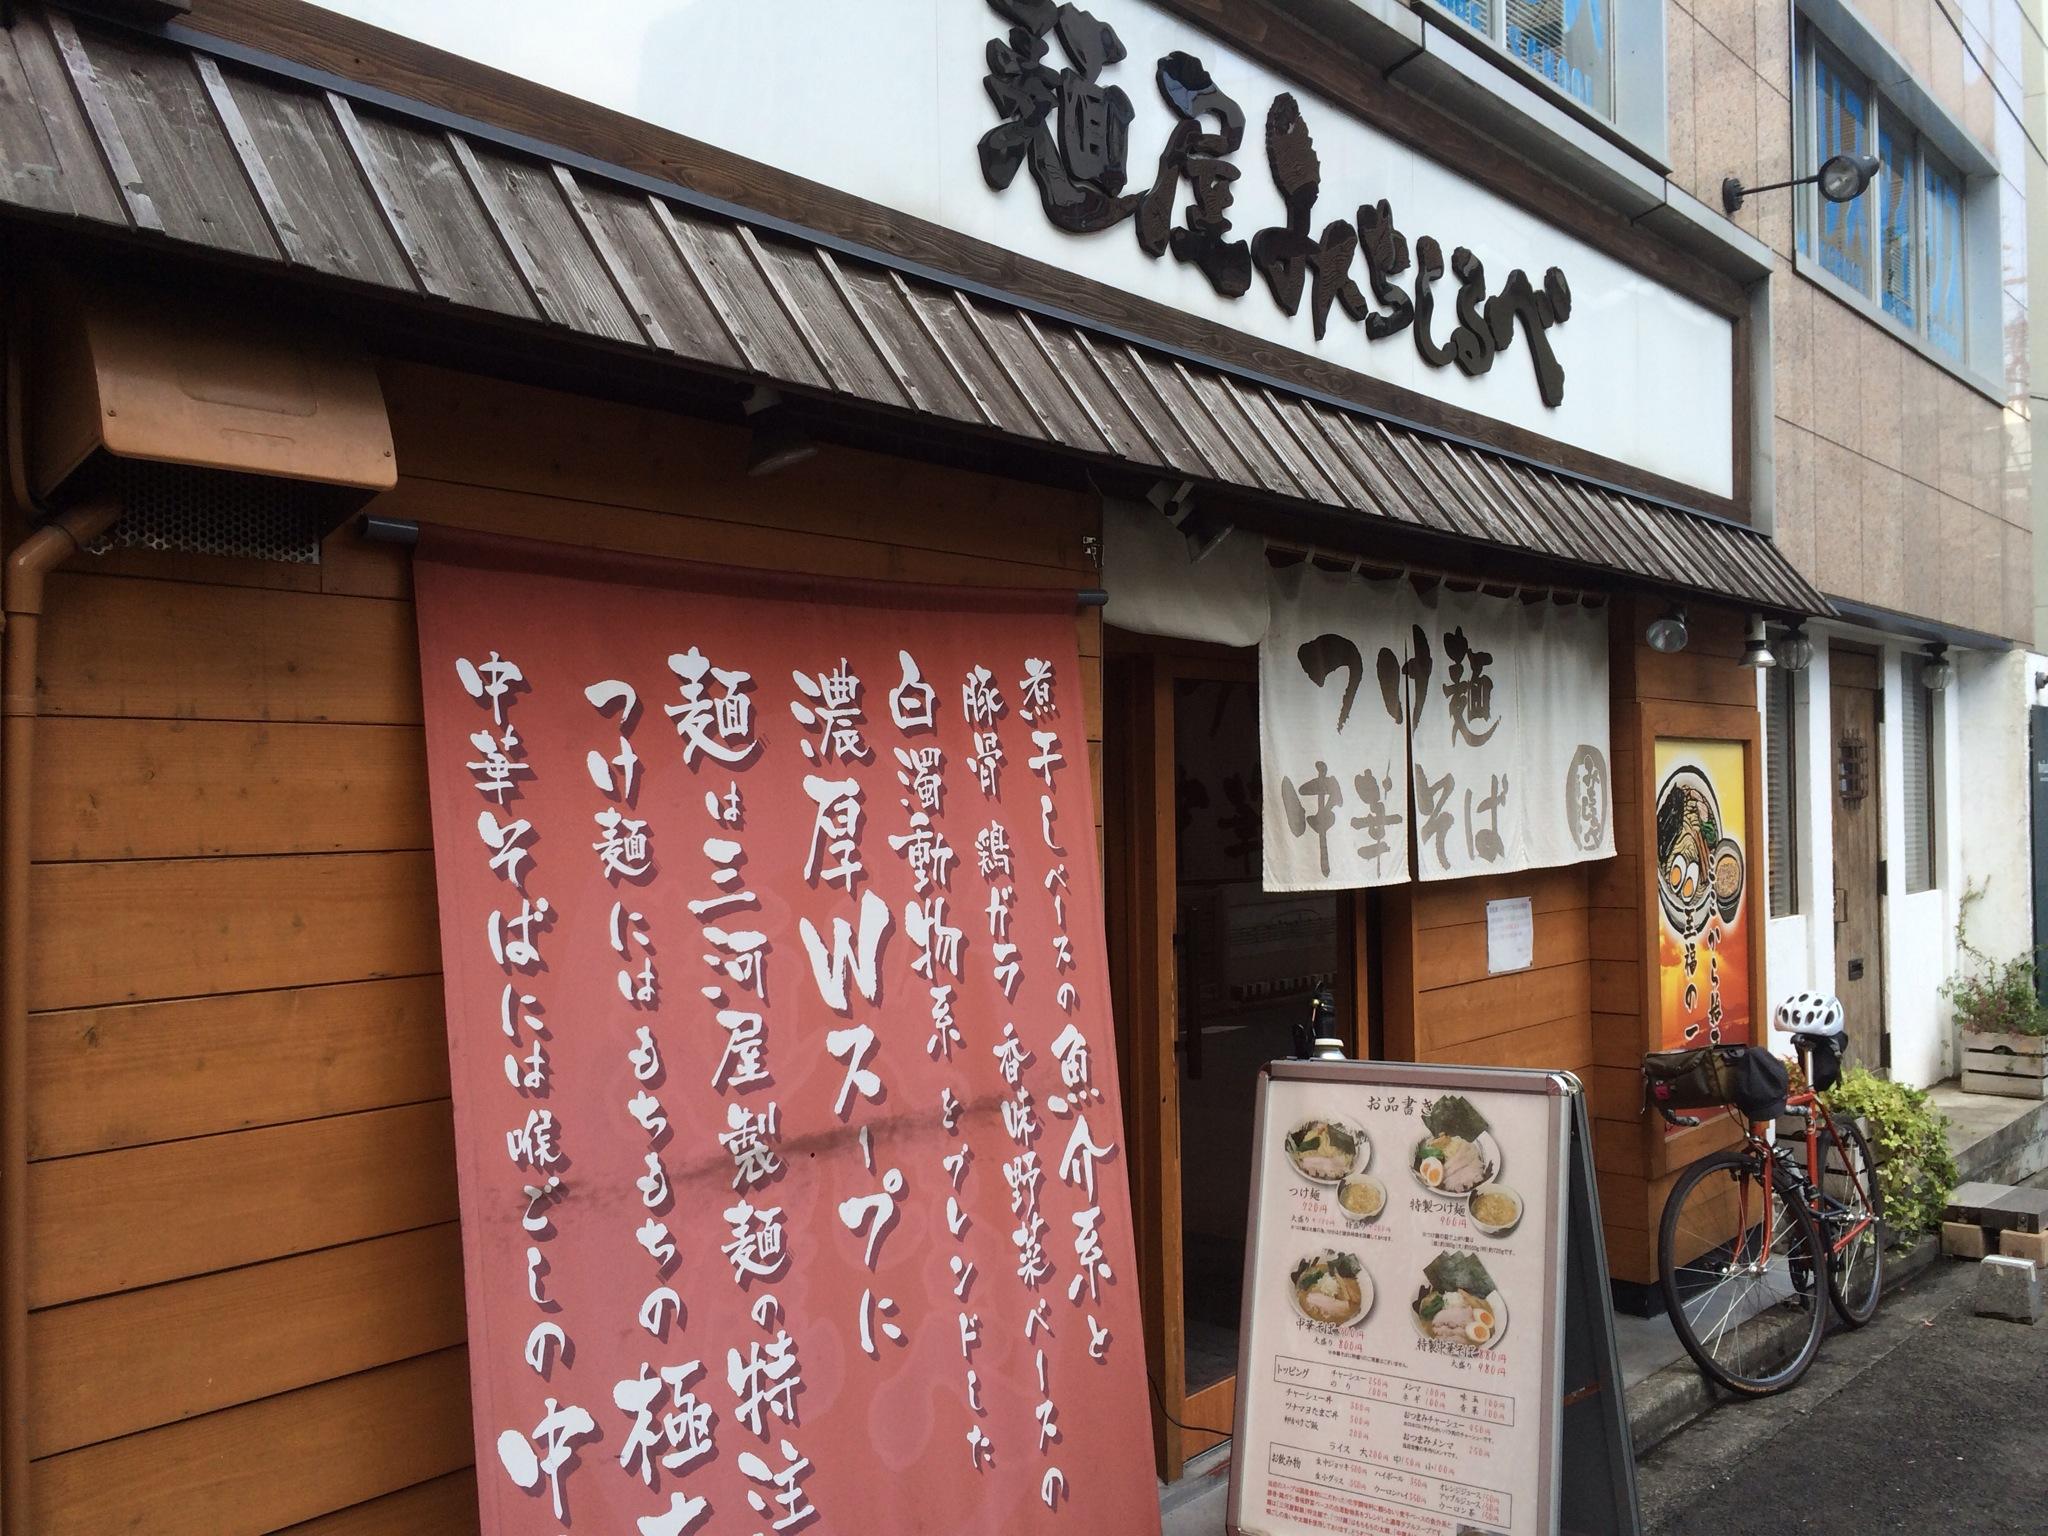 麺屋みちしるべ!二子玉川駅徒歩4分くらい?